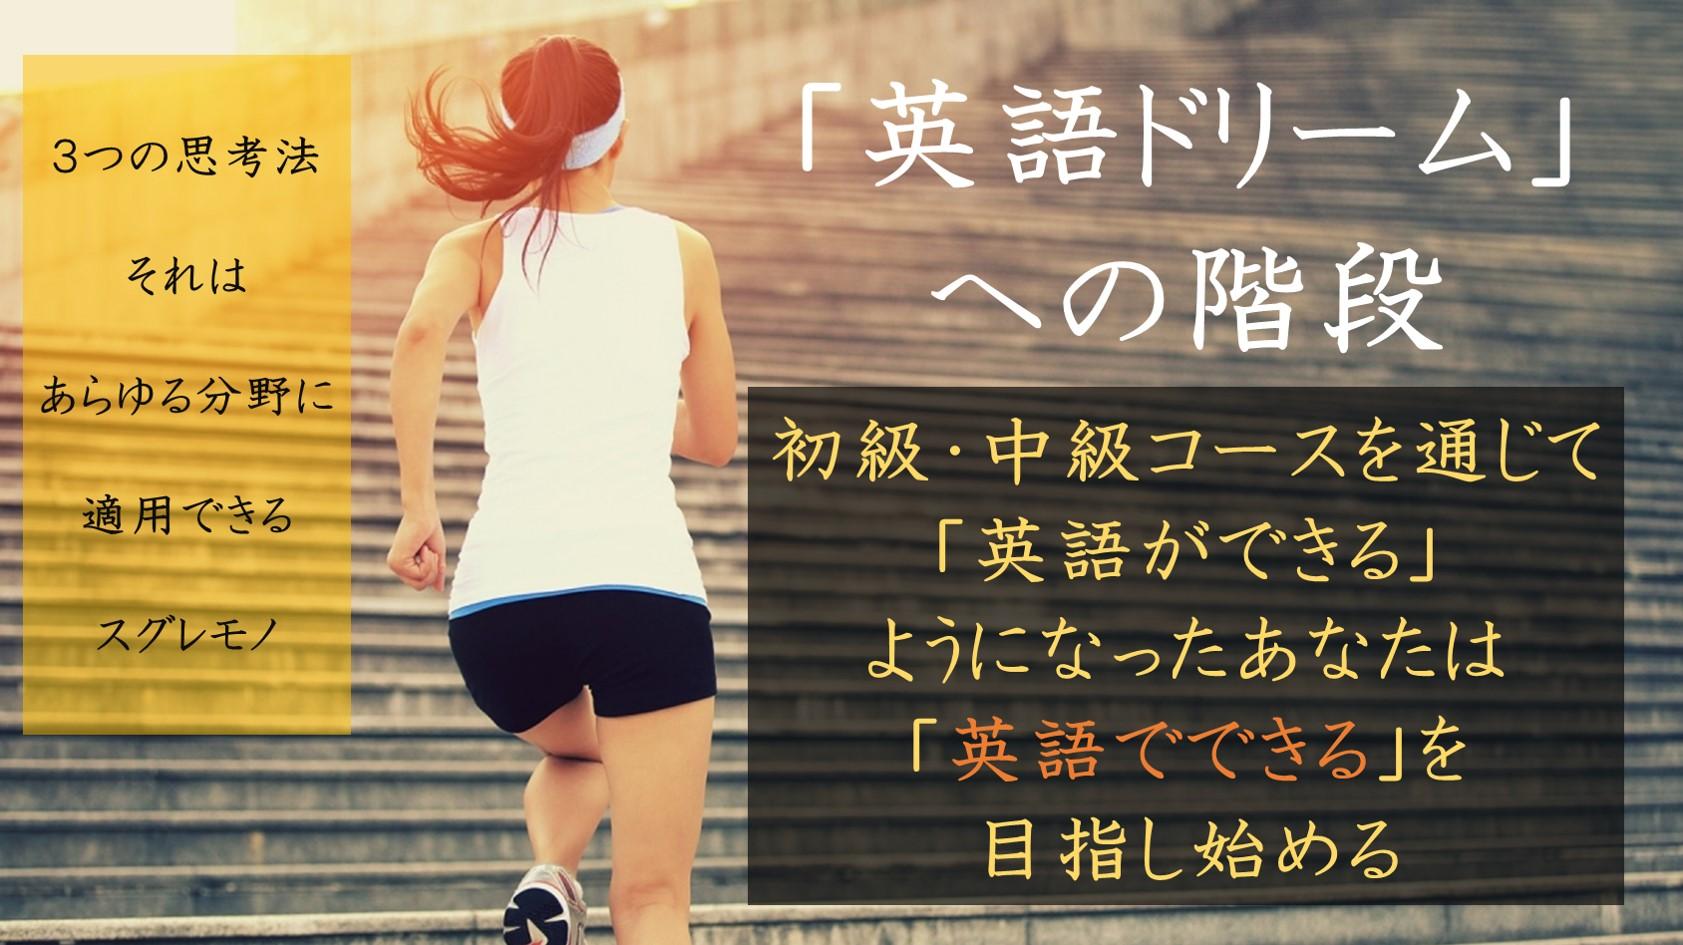 Header 01